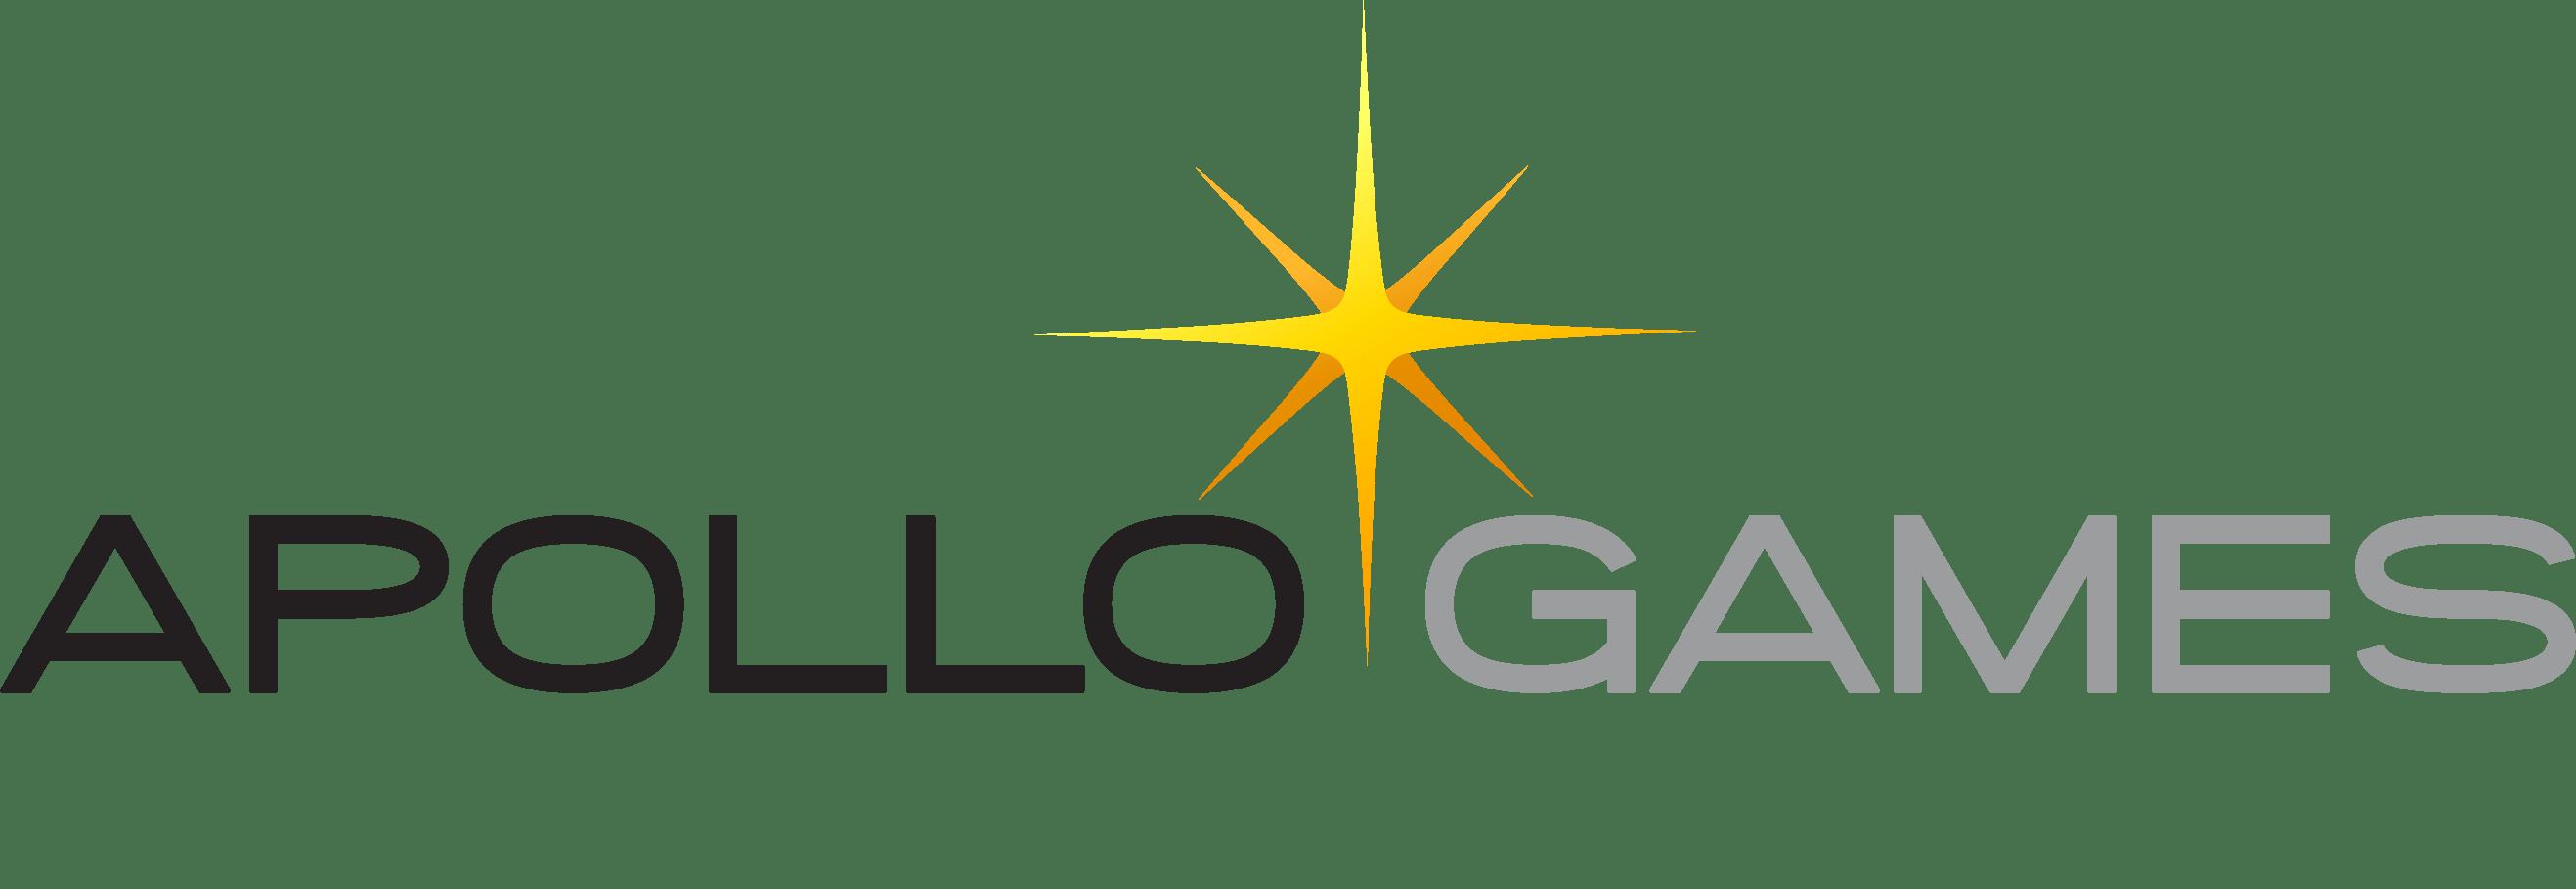 Apollo Games